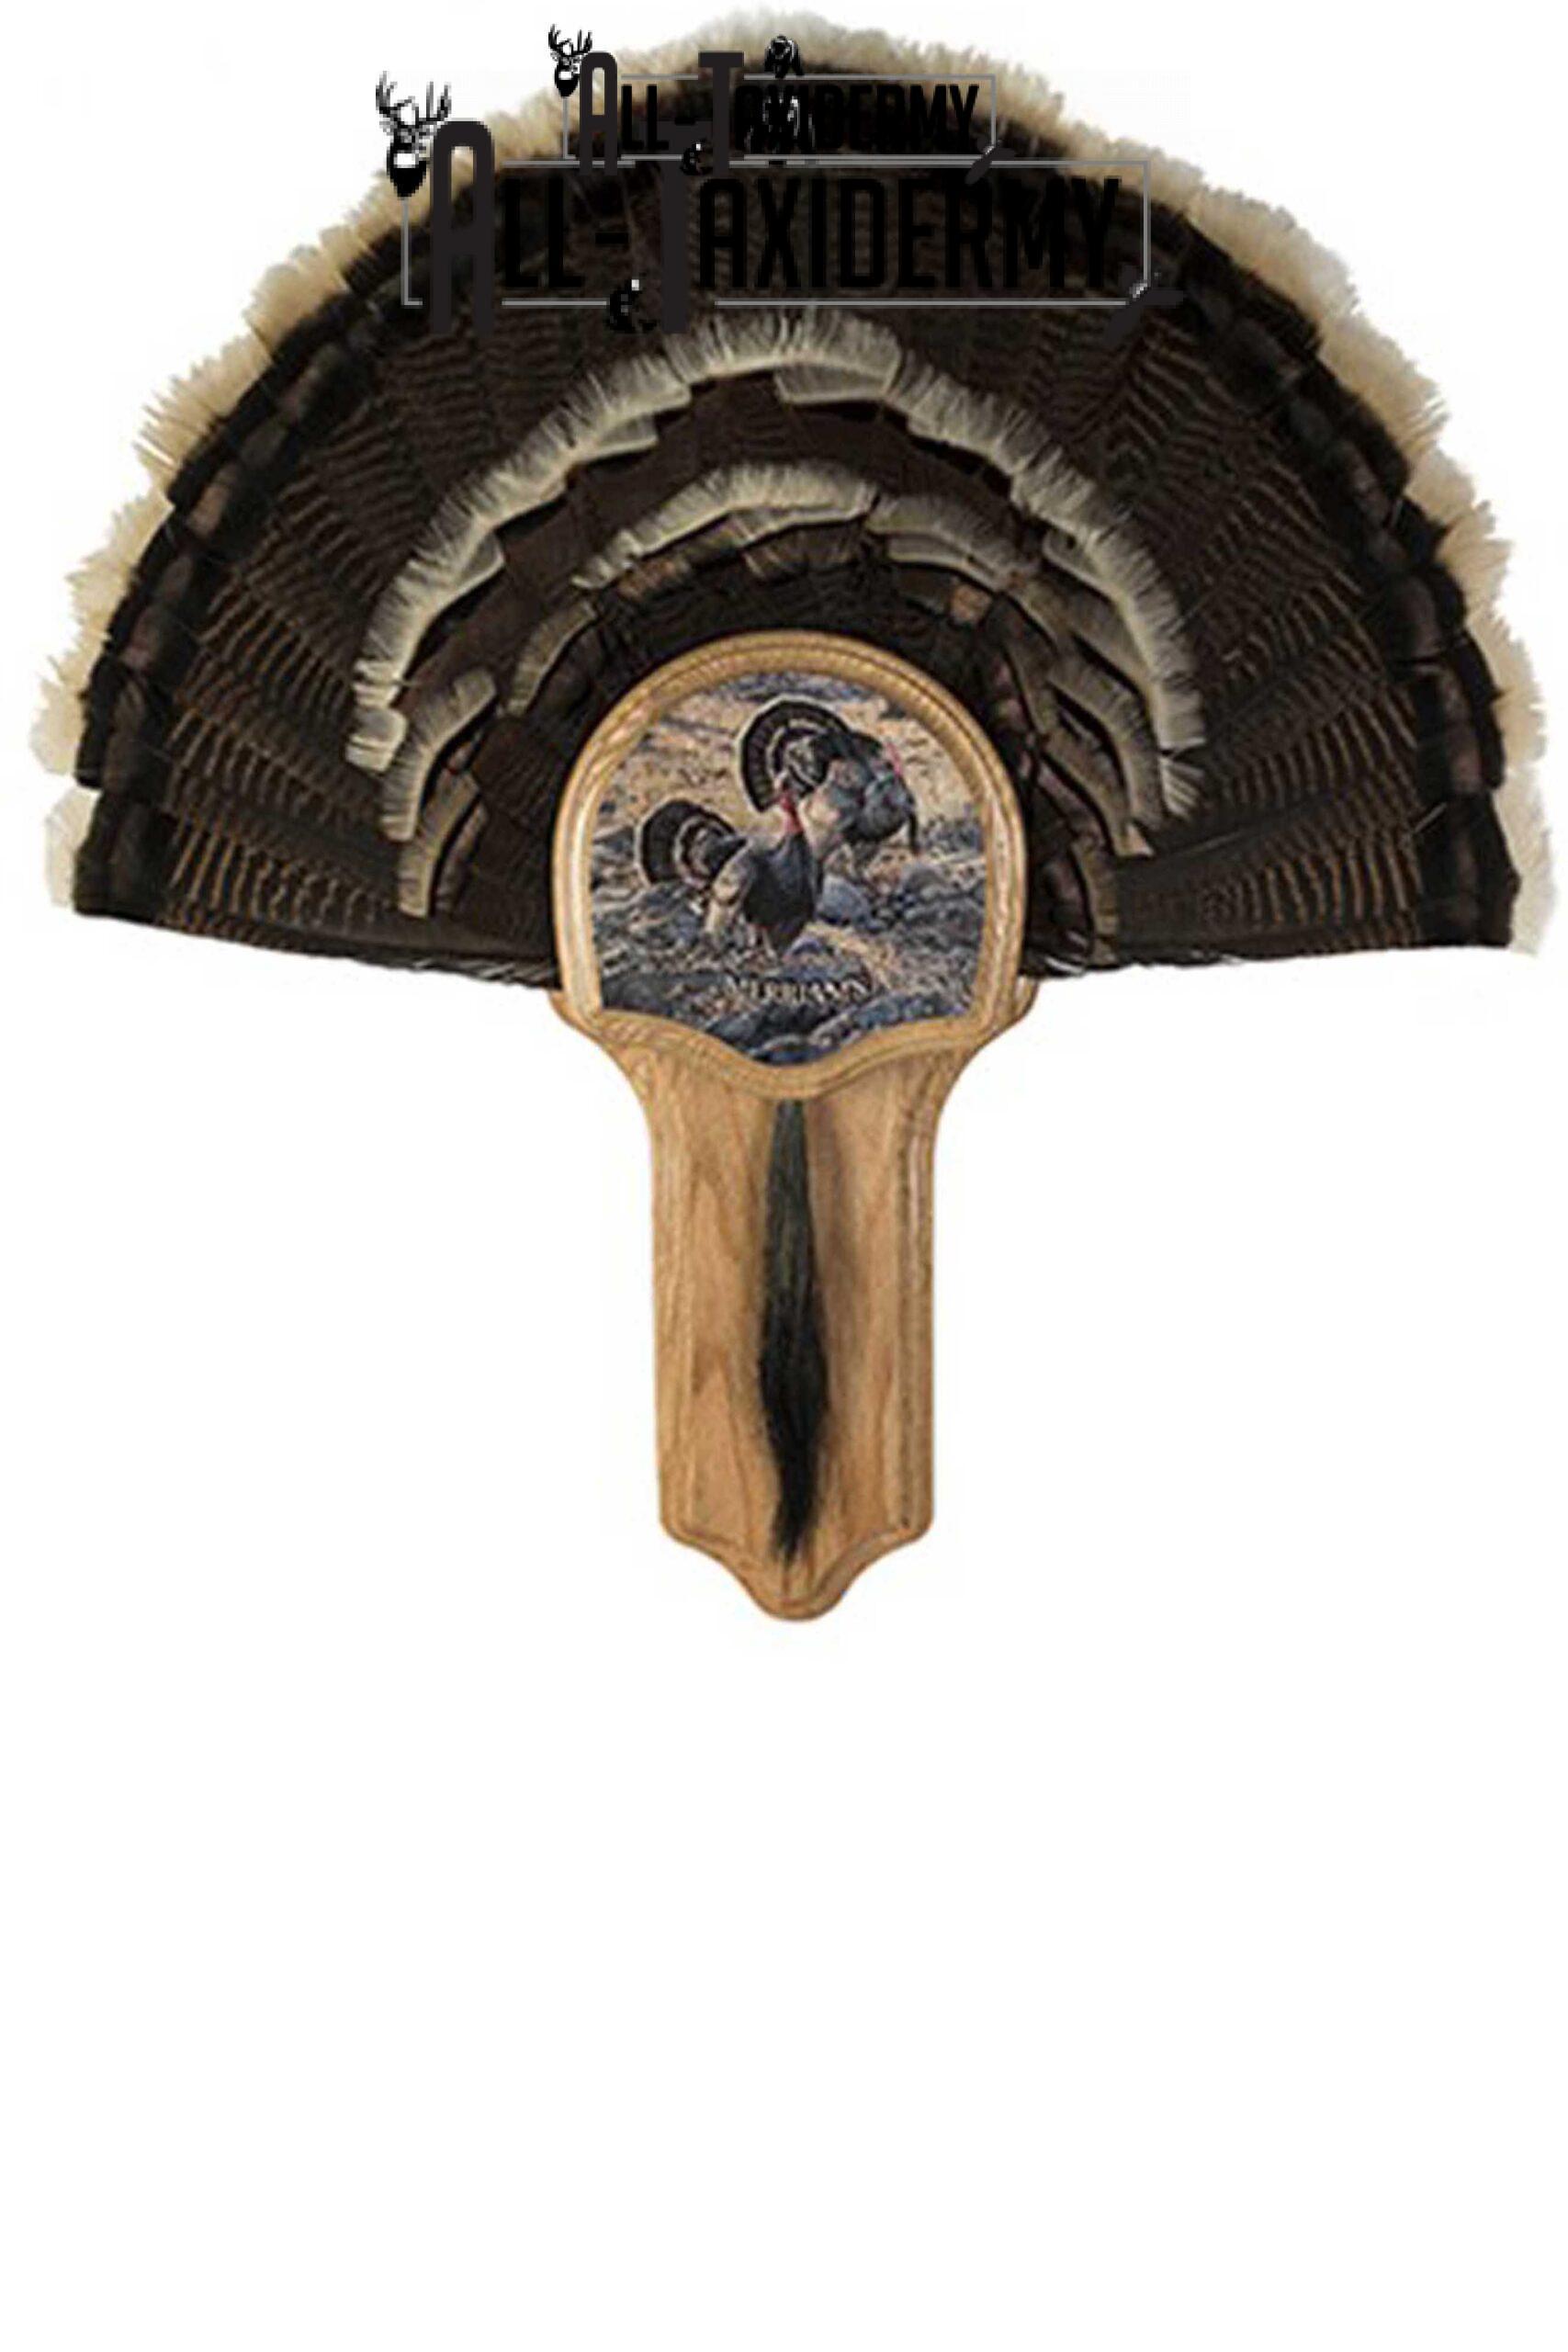 SKU 0142 Deluxe Turkey Display Kit, Oak, Merriam's